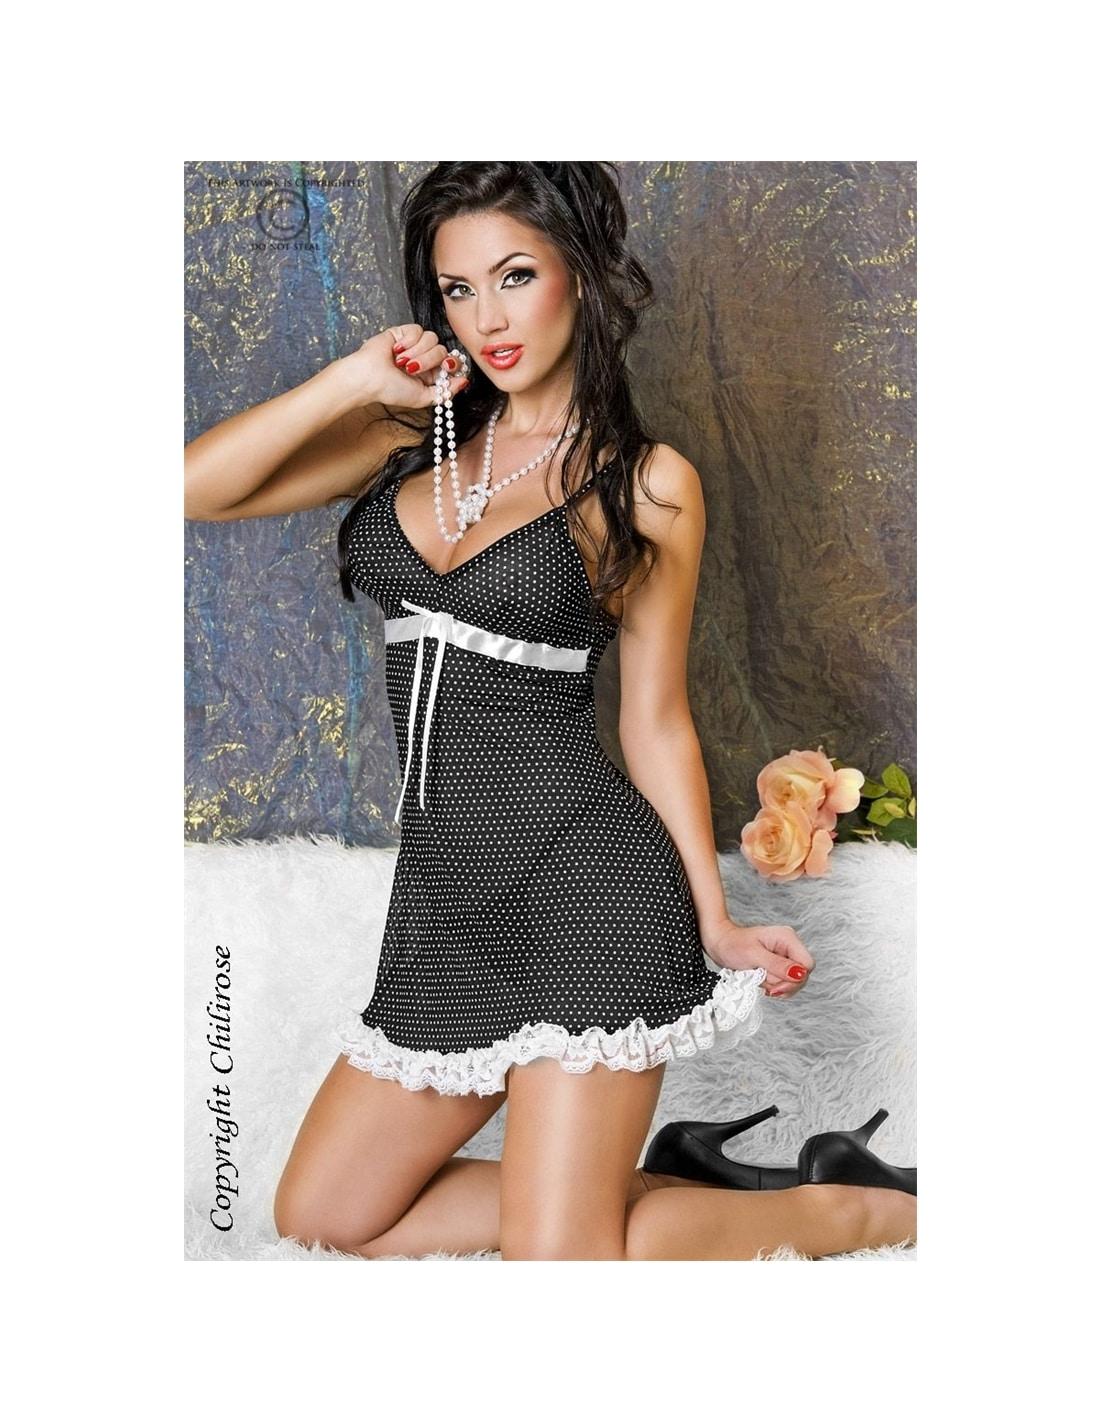 PR2010318485 - Camisa De Noite E Tanga Cr-3170 Preta Com Bolinh - 36-38 S/M-PR2010318485